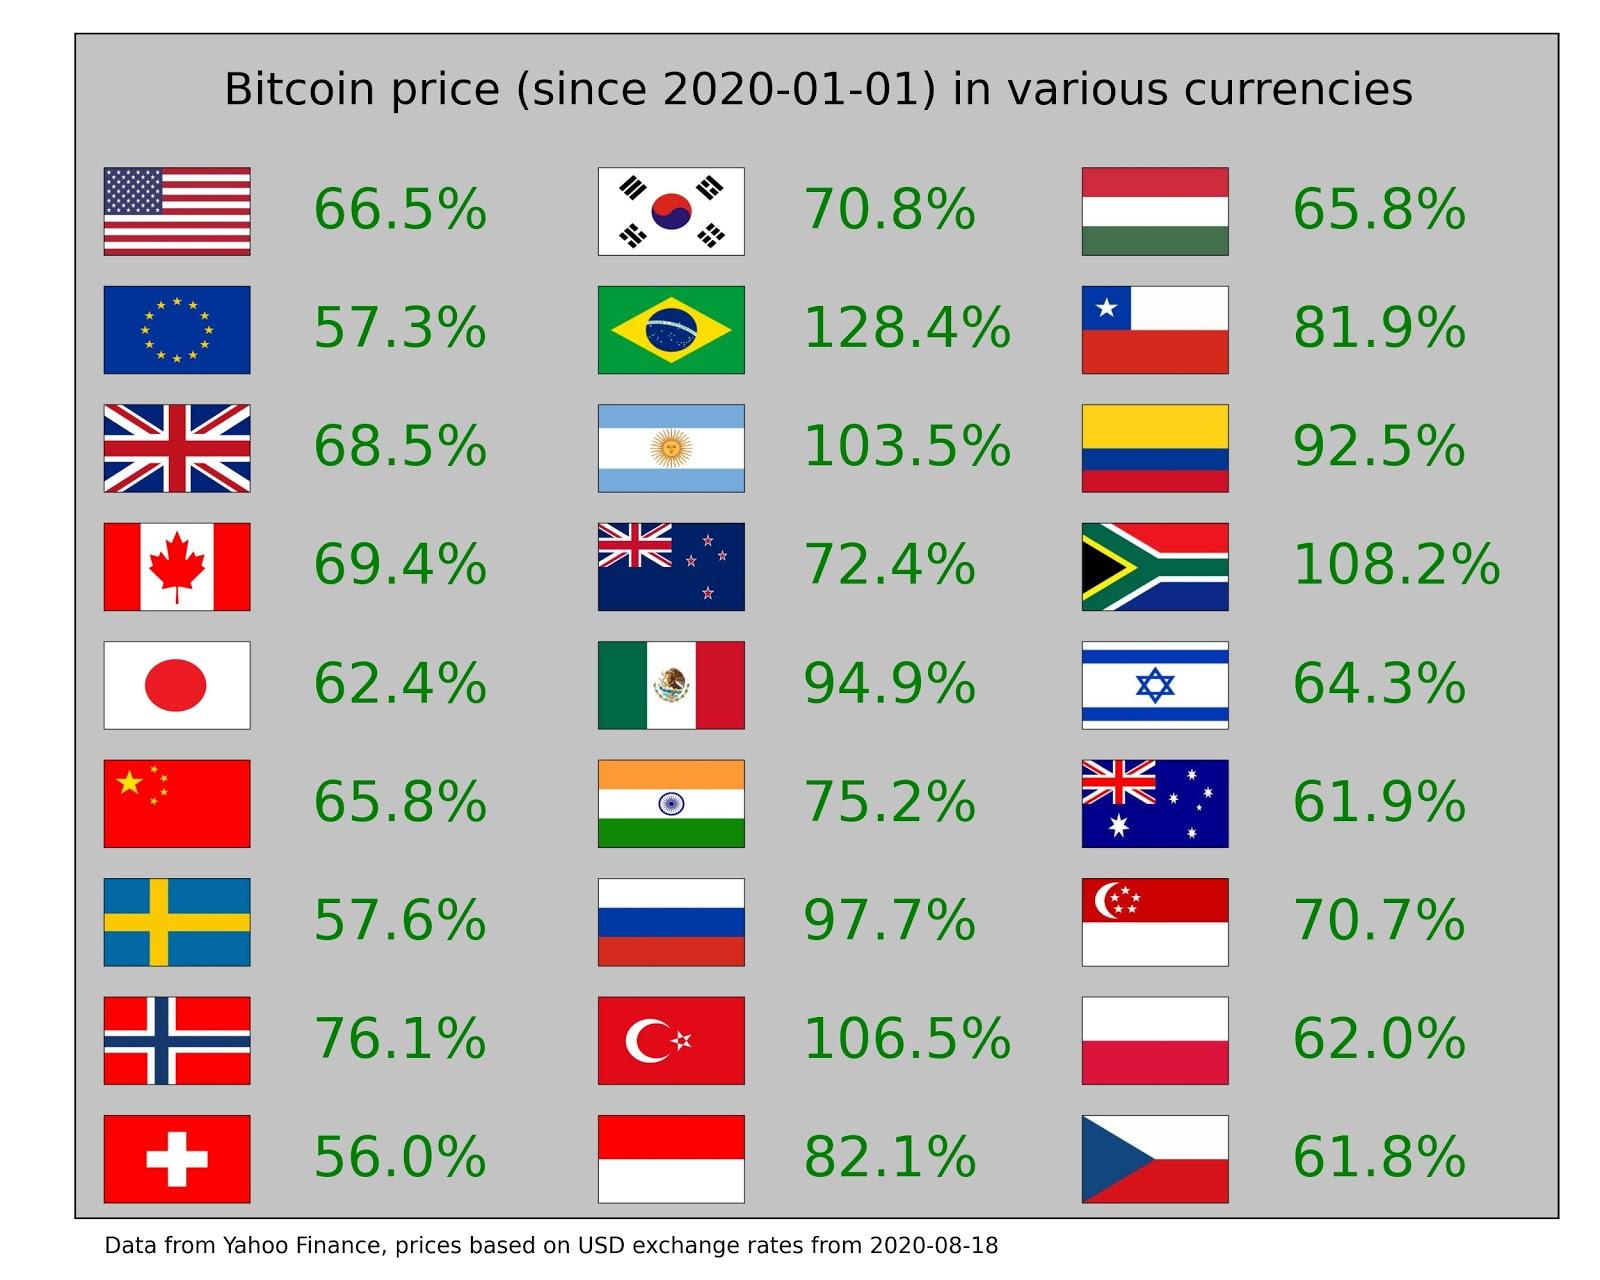 Le prestazioni di Bitcoin rispetto a varie valute mondiali